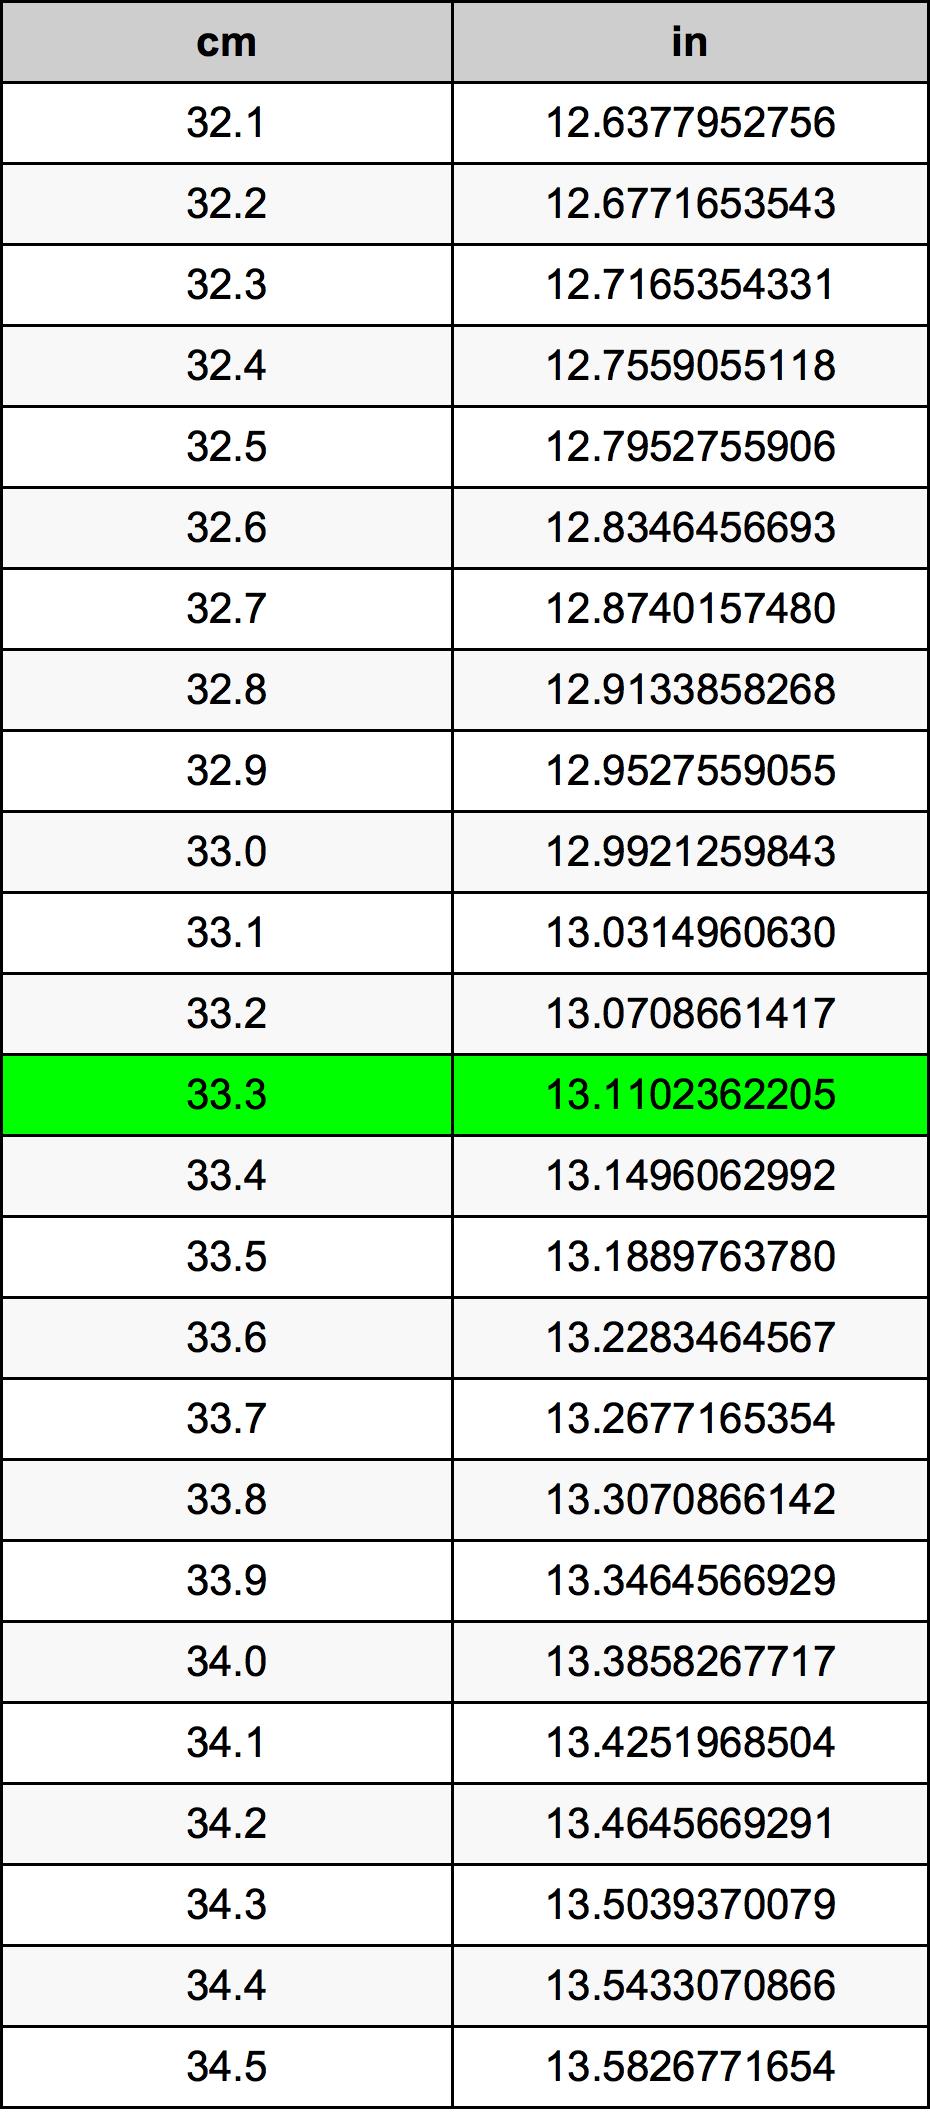 33.3 Centimeter konverteringstabell